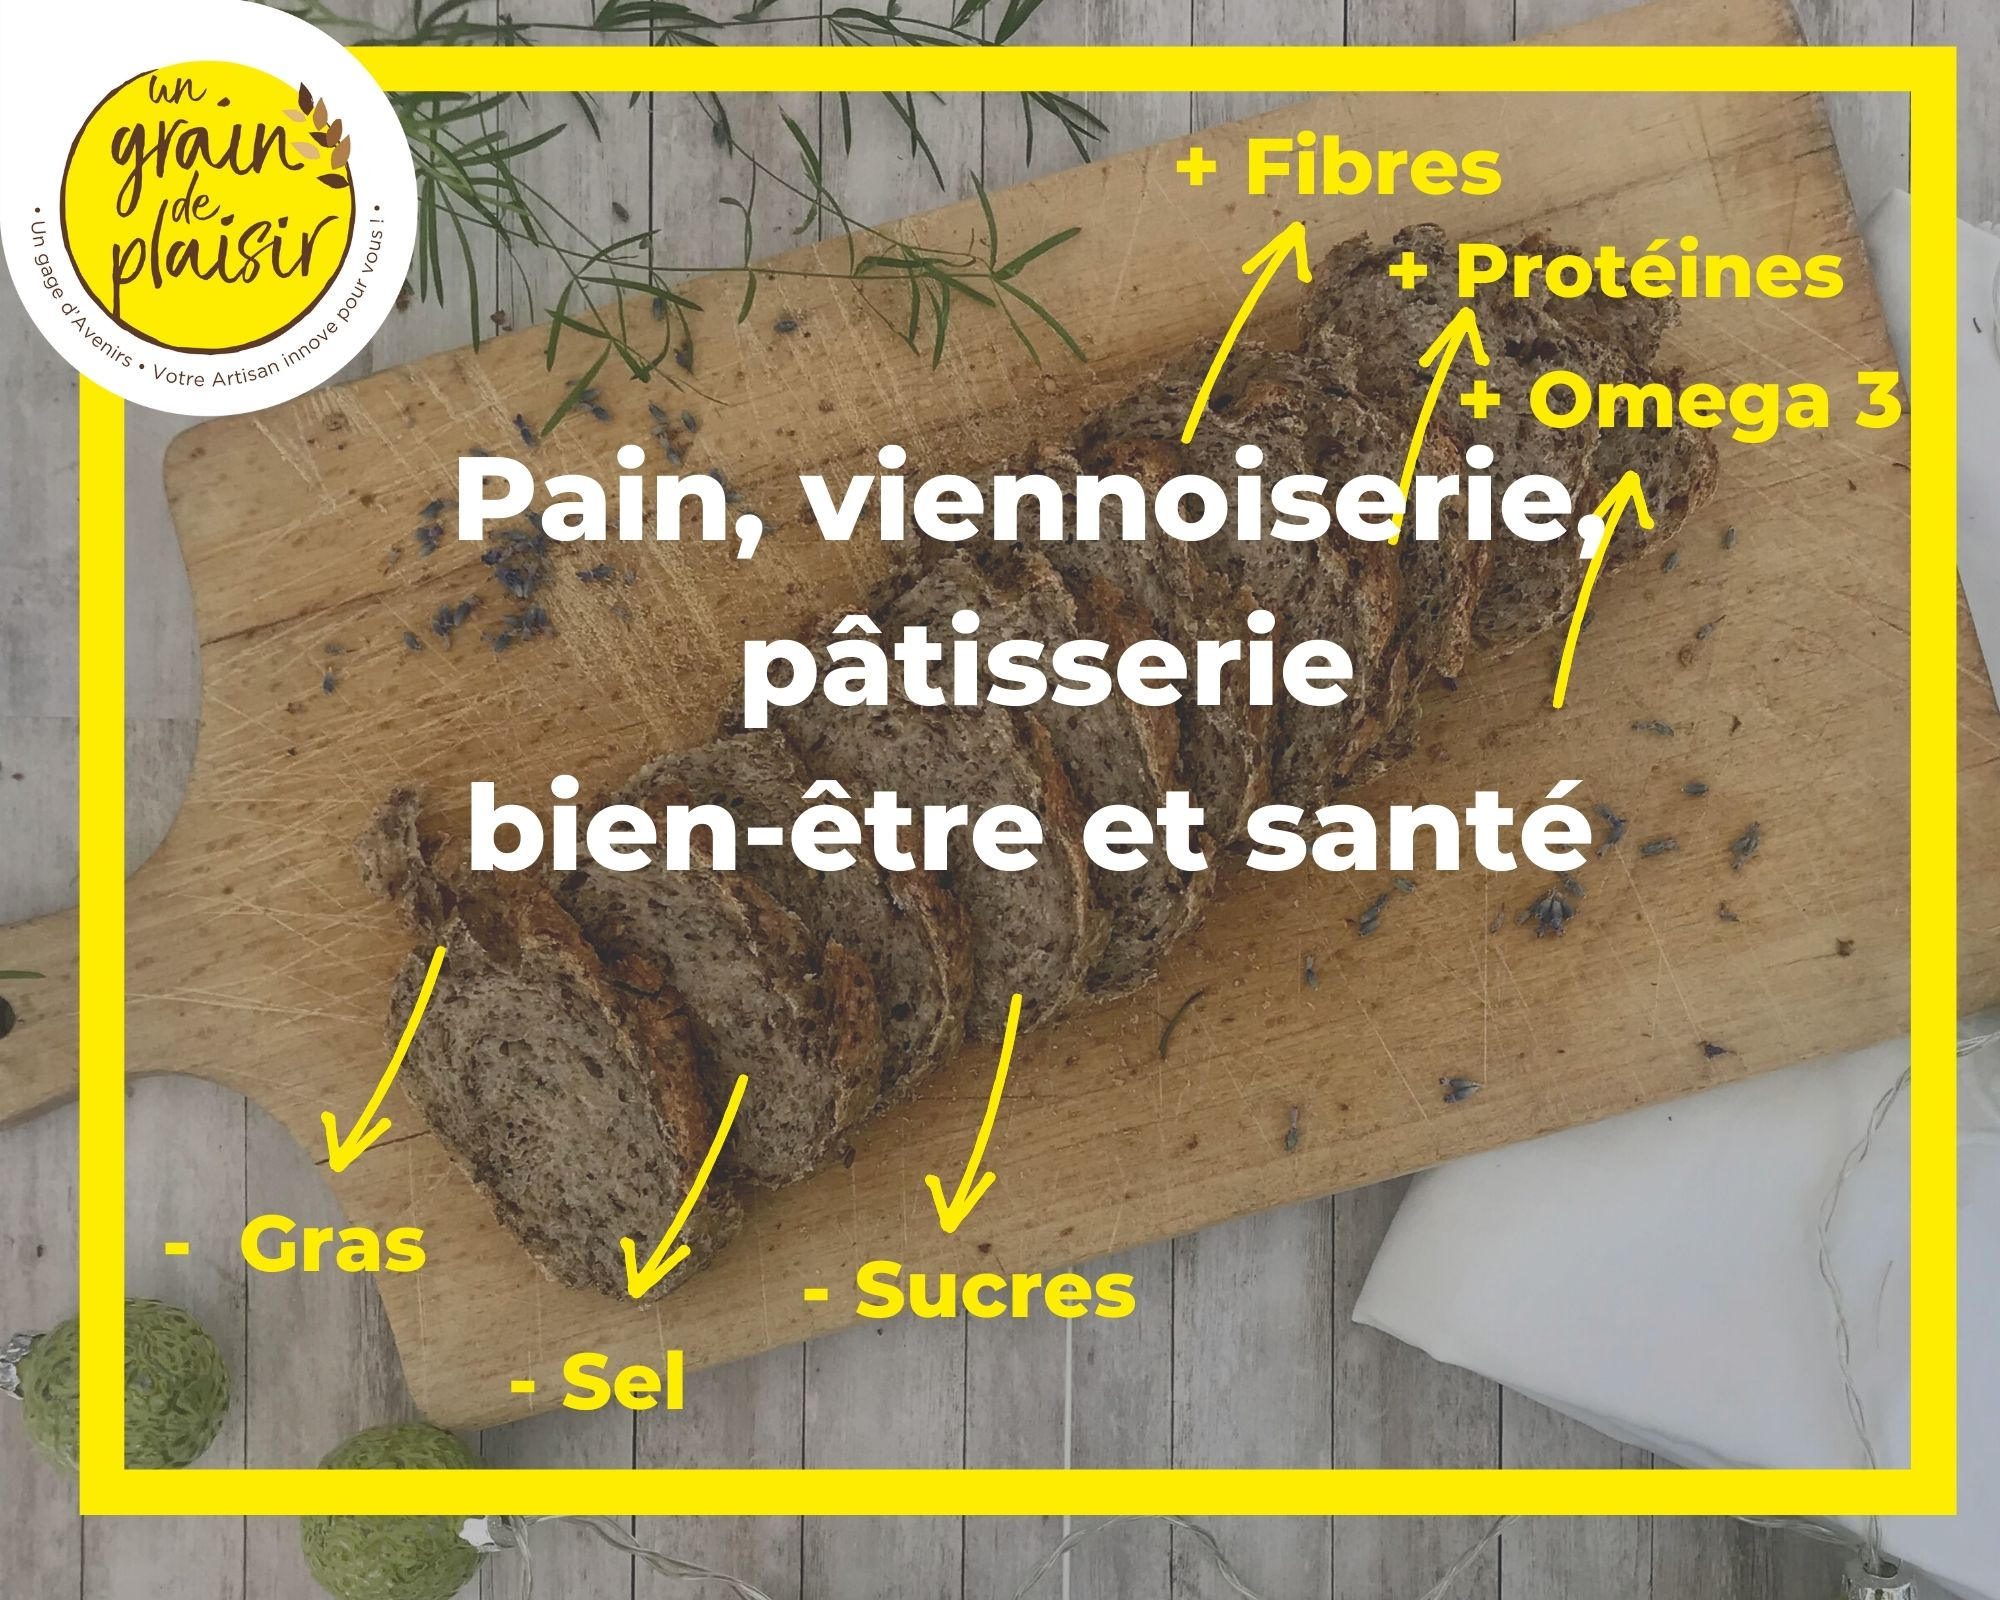 formation innovante en boulangerie artisanalere et santé